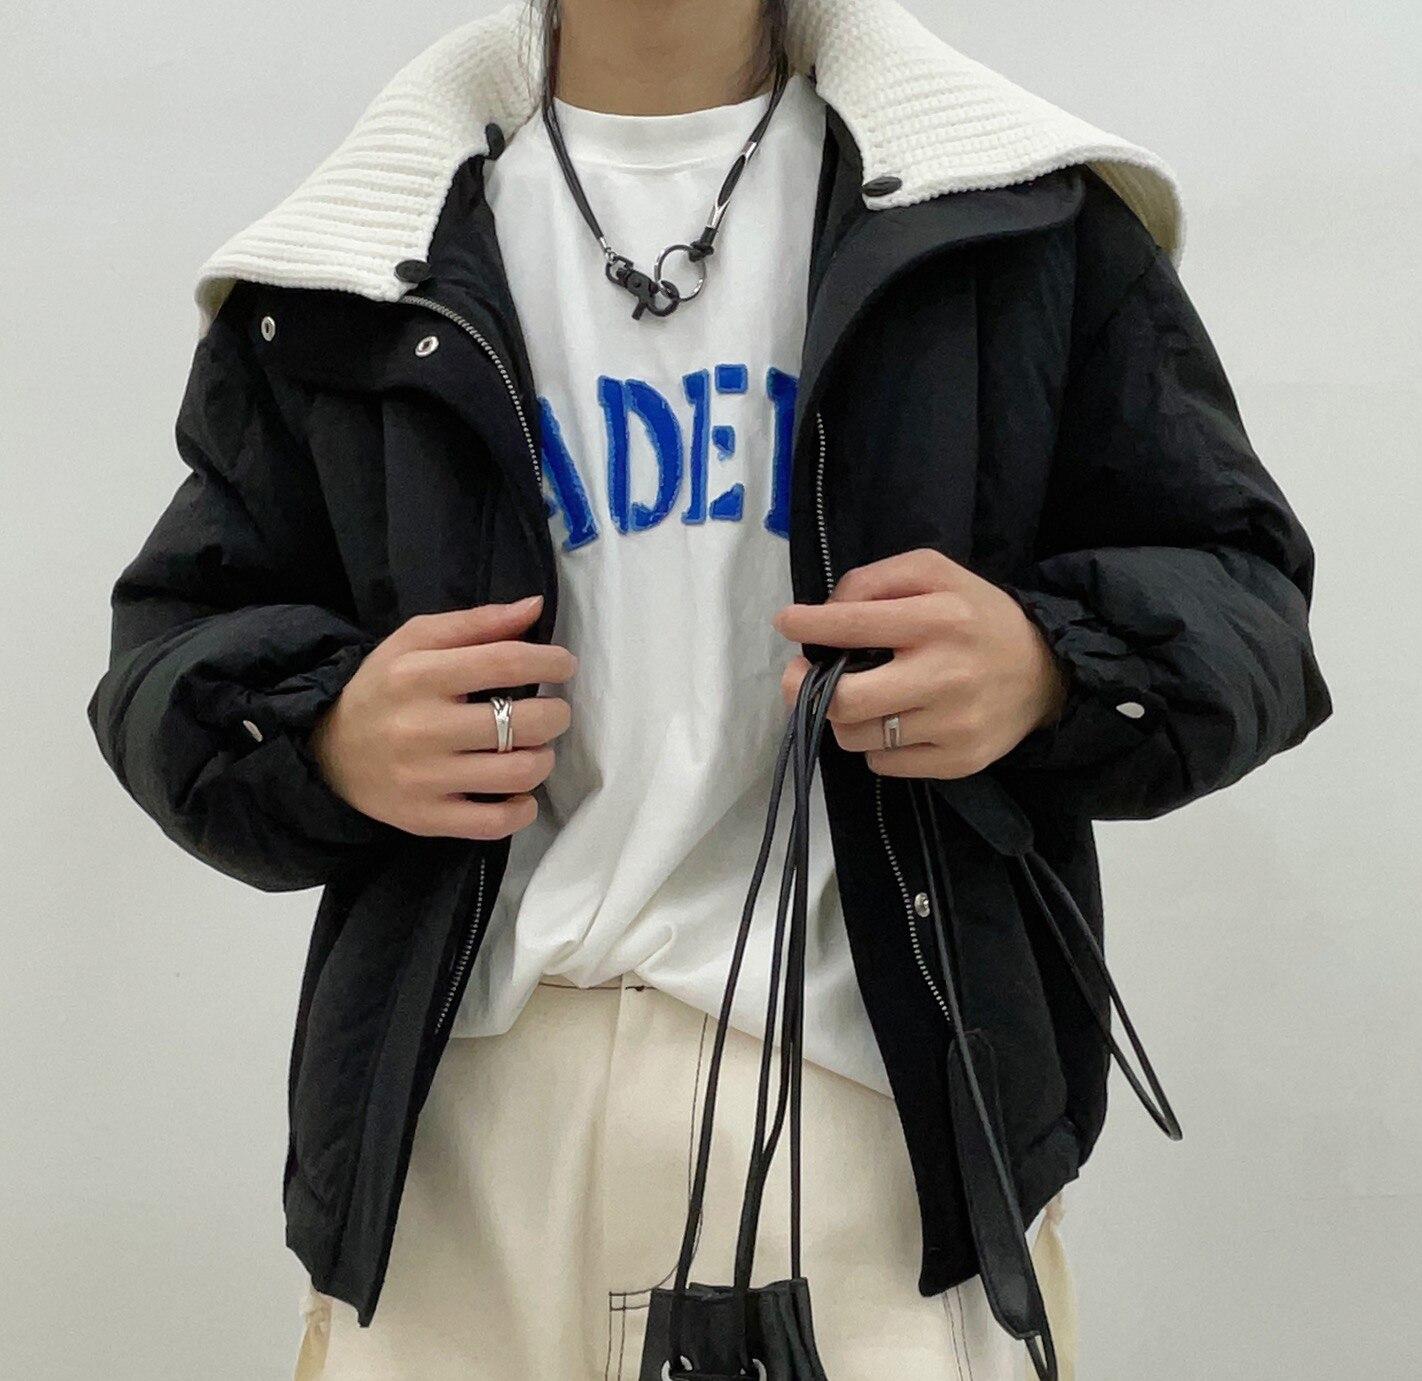 عالية الجودة المرأة الدفء التباين اللون المرقعة محبوك طوق قصيرة أسفل معطف تنحنح الرباط تصميم